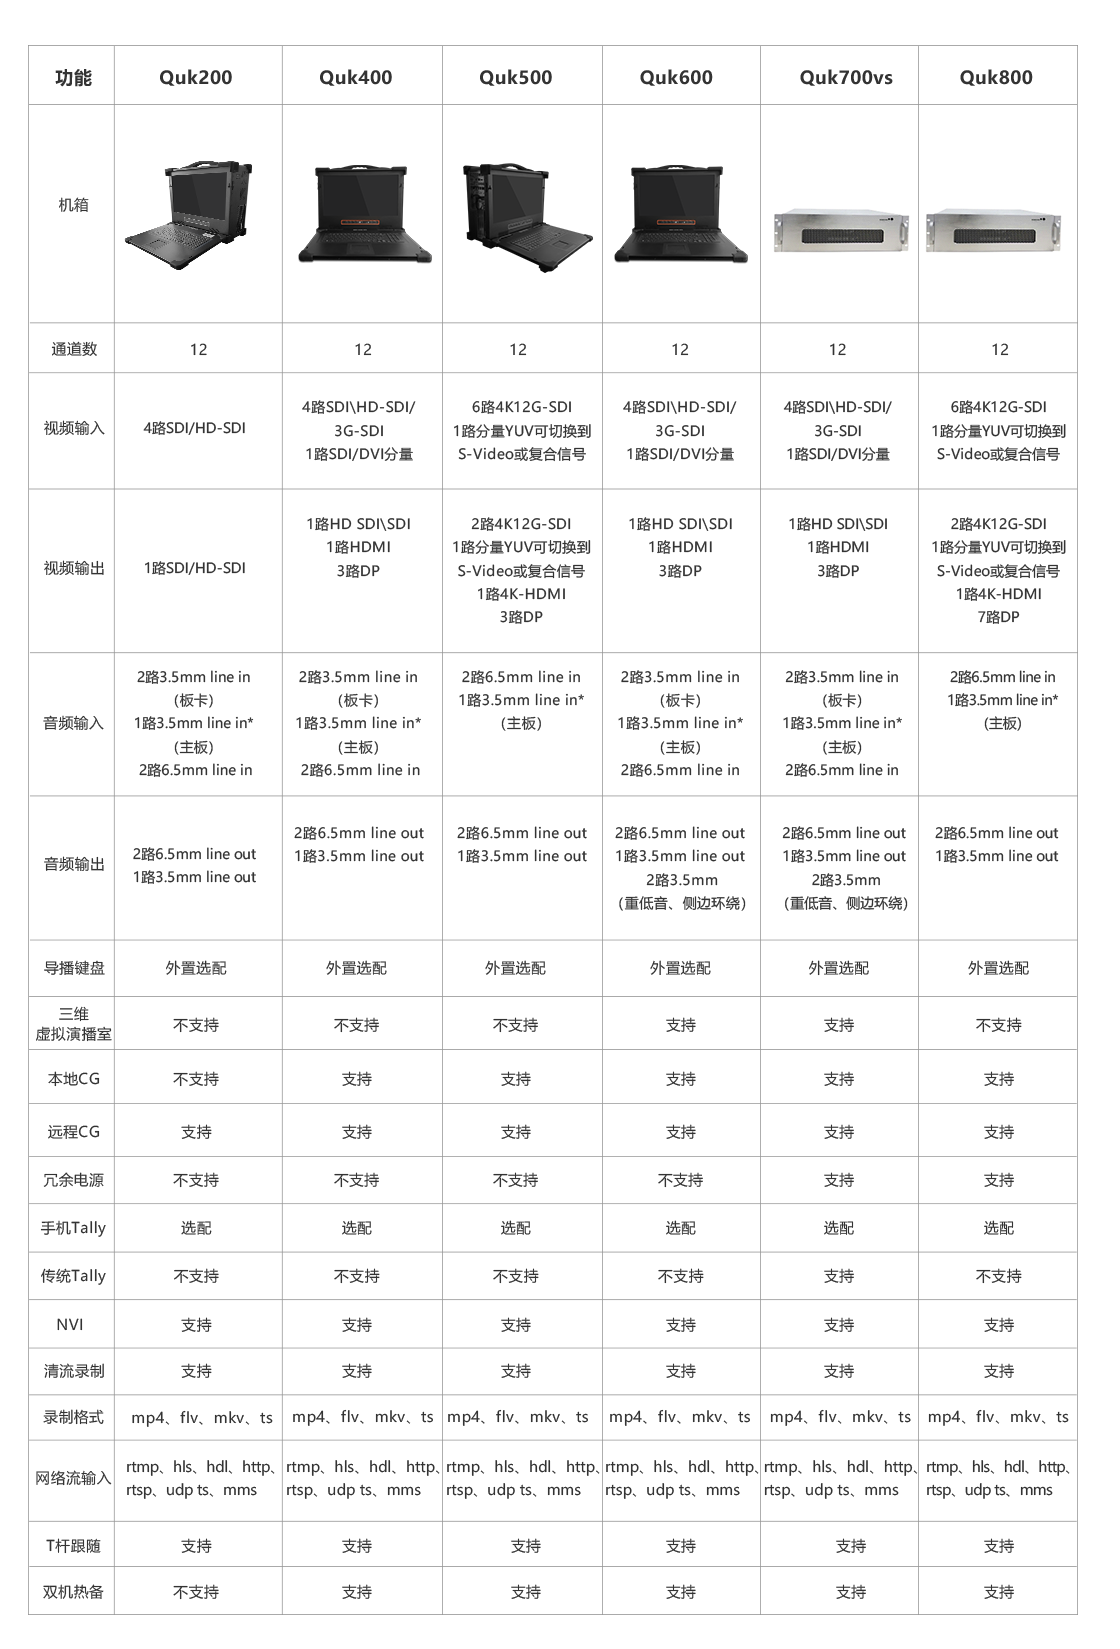 老官網制播系統_02.png